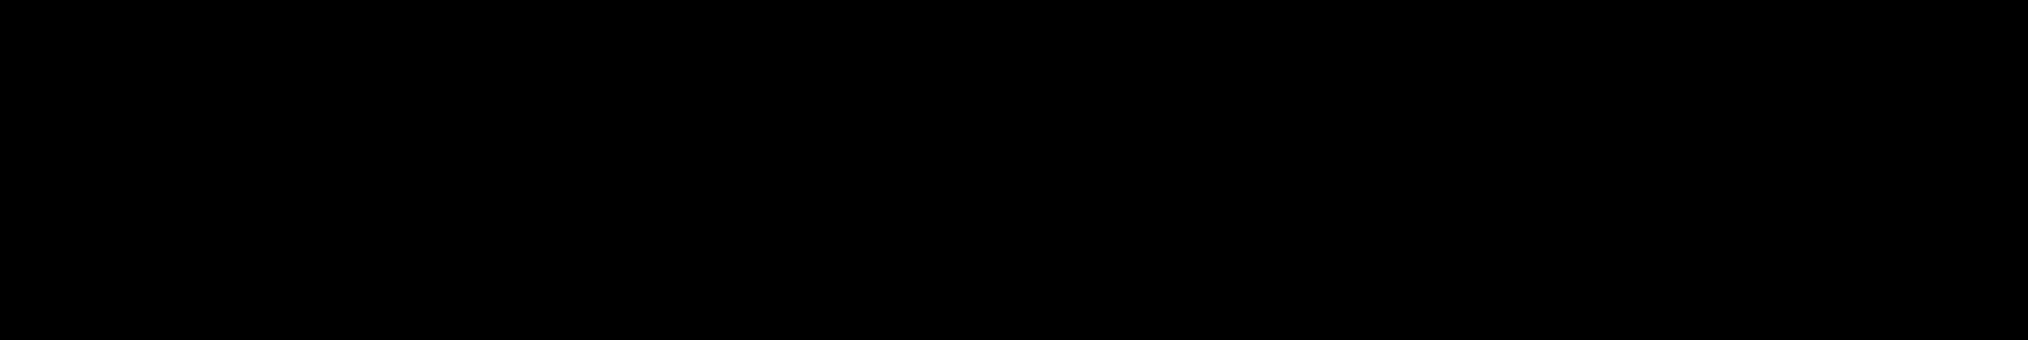 Vetgasfabriek Amersfoort